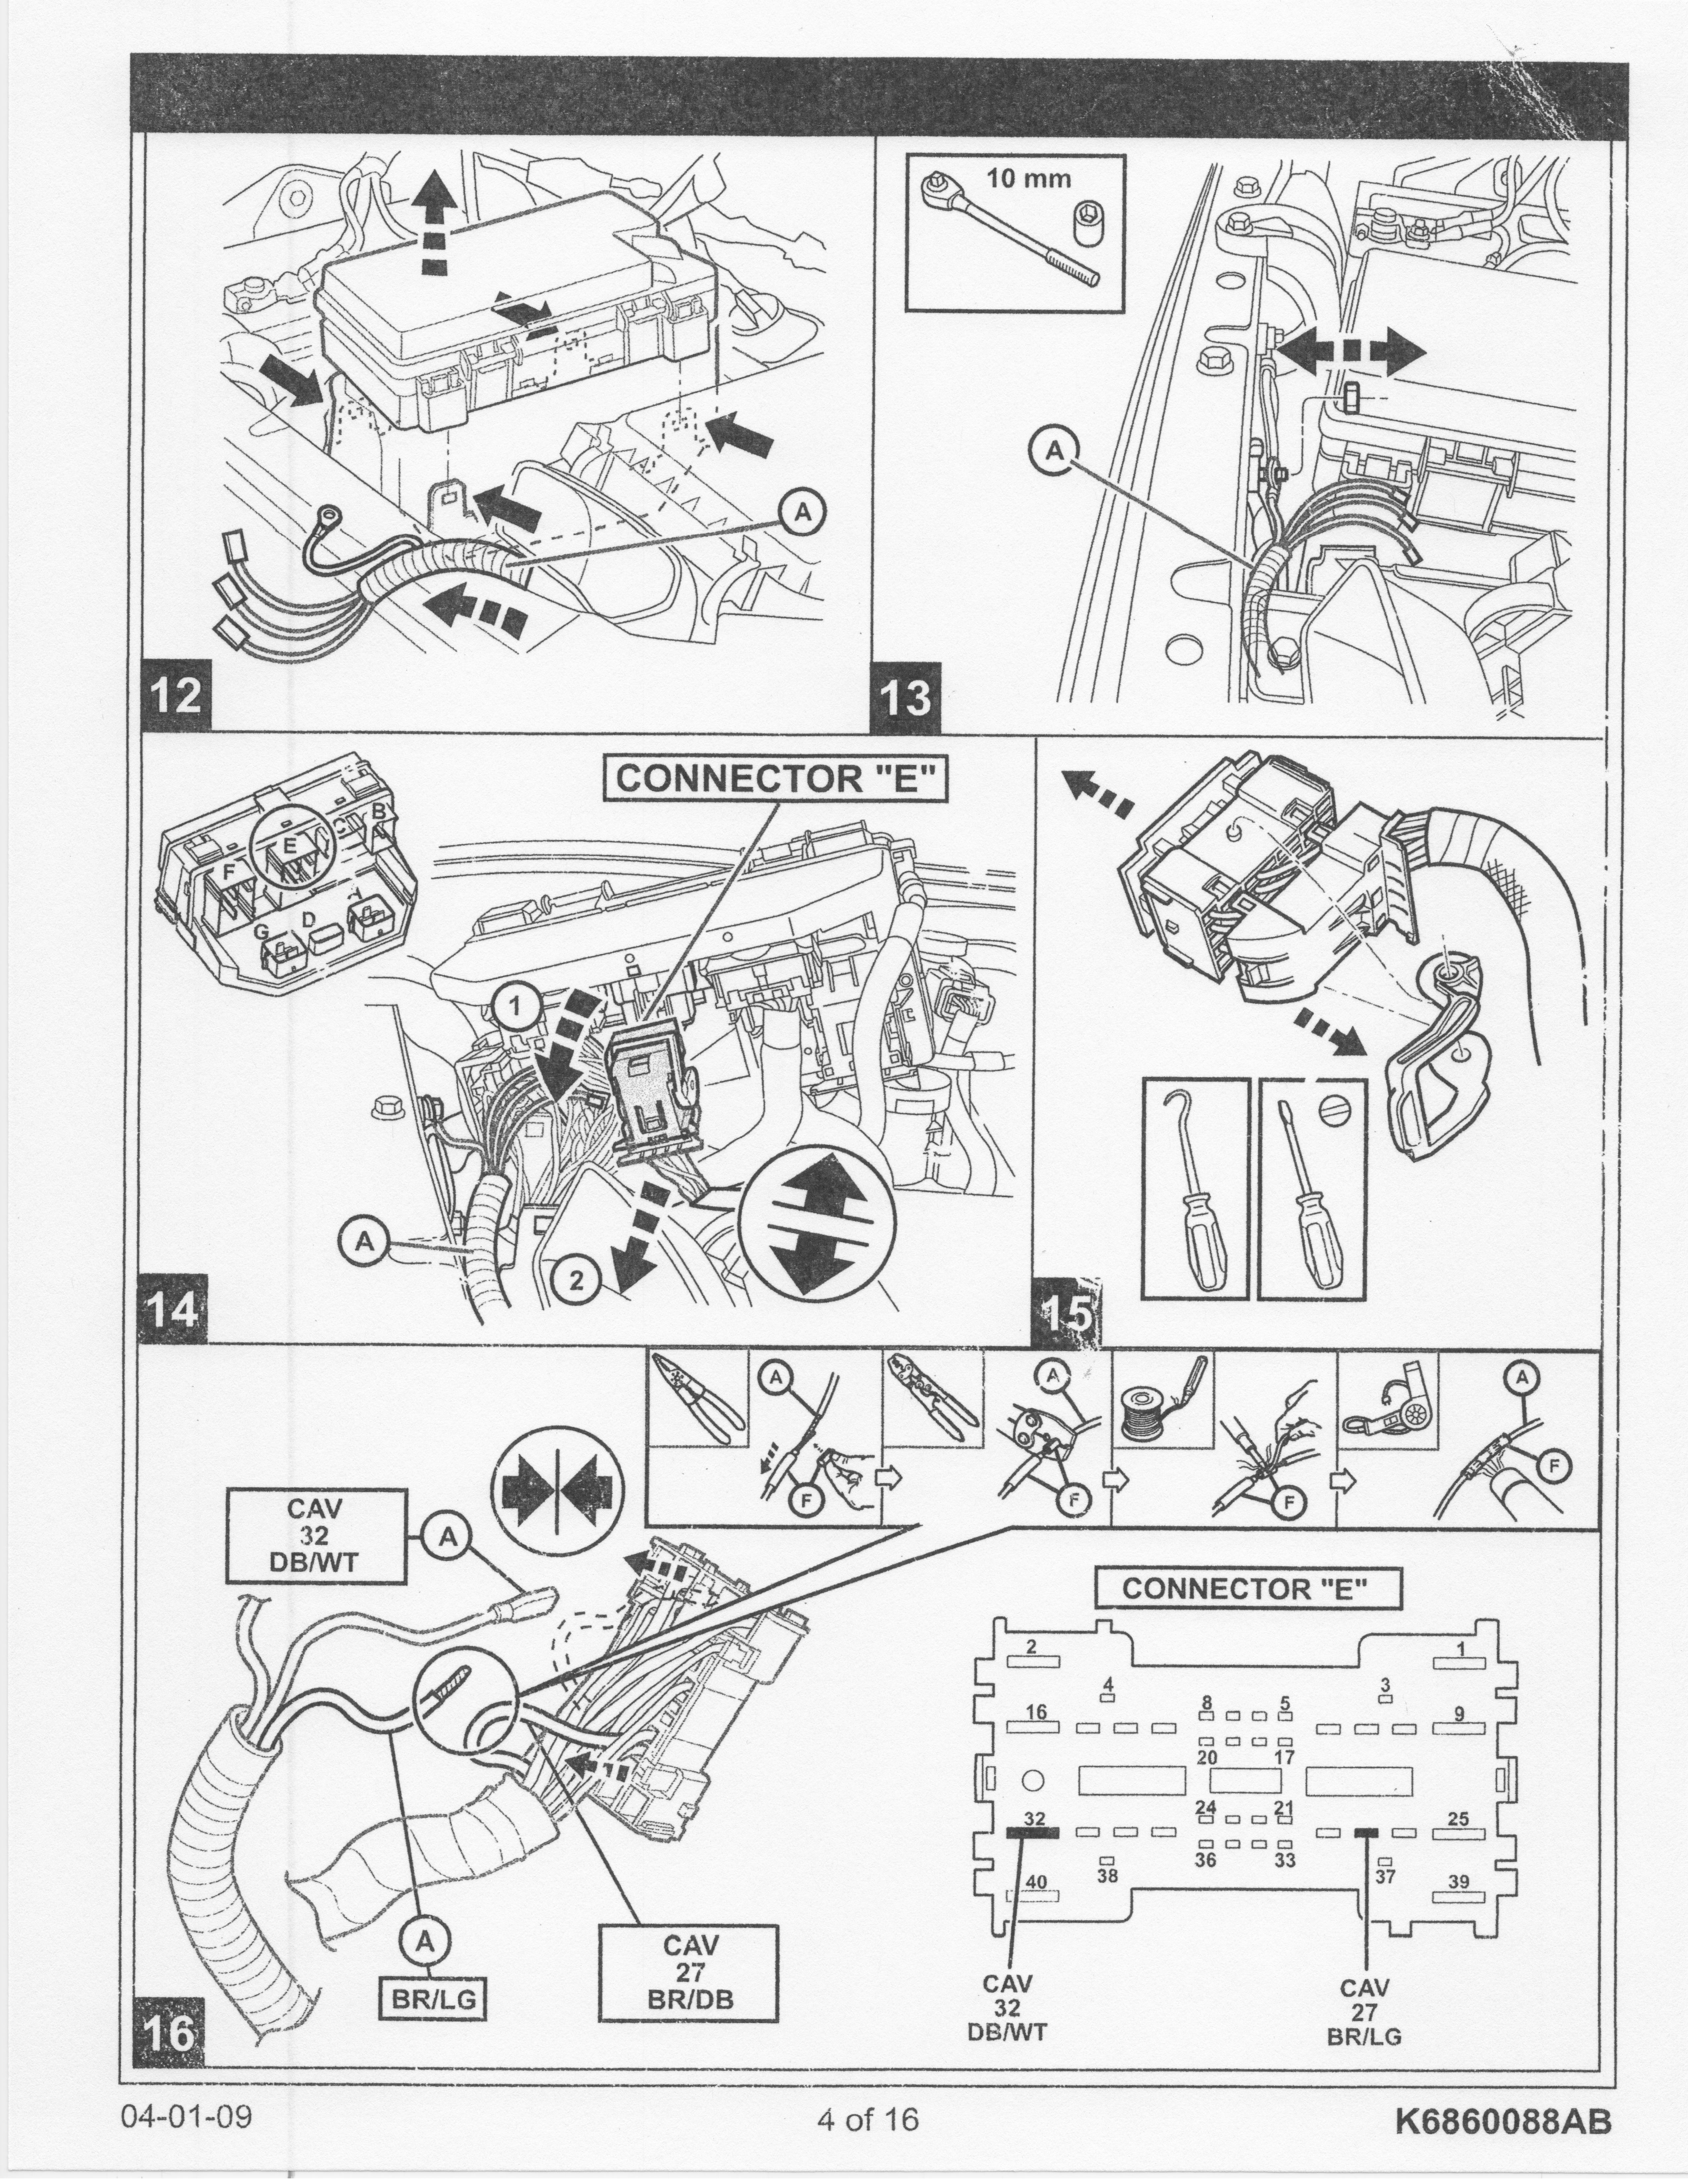 Yj Dash Wiring Diagram - Wiring Diagram Data Oreo - Jeep Wrangler Wiring Diagram Free